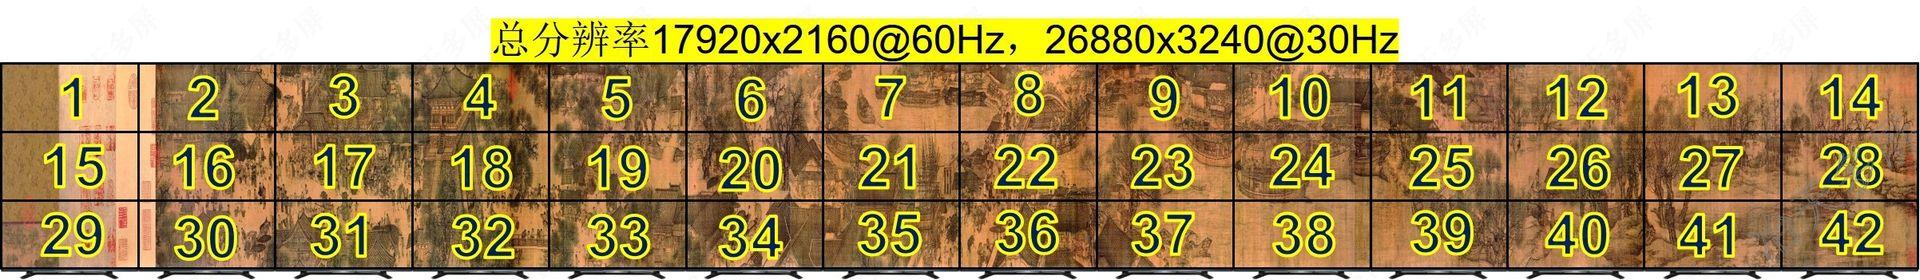 3行14列42屏拼接点对点显示超高清分辨率大屏幕墙